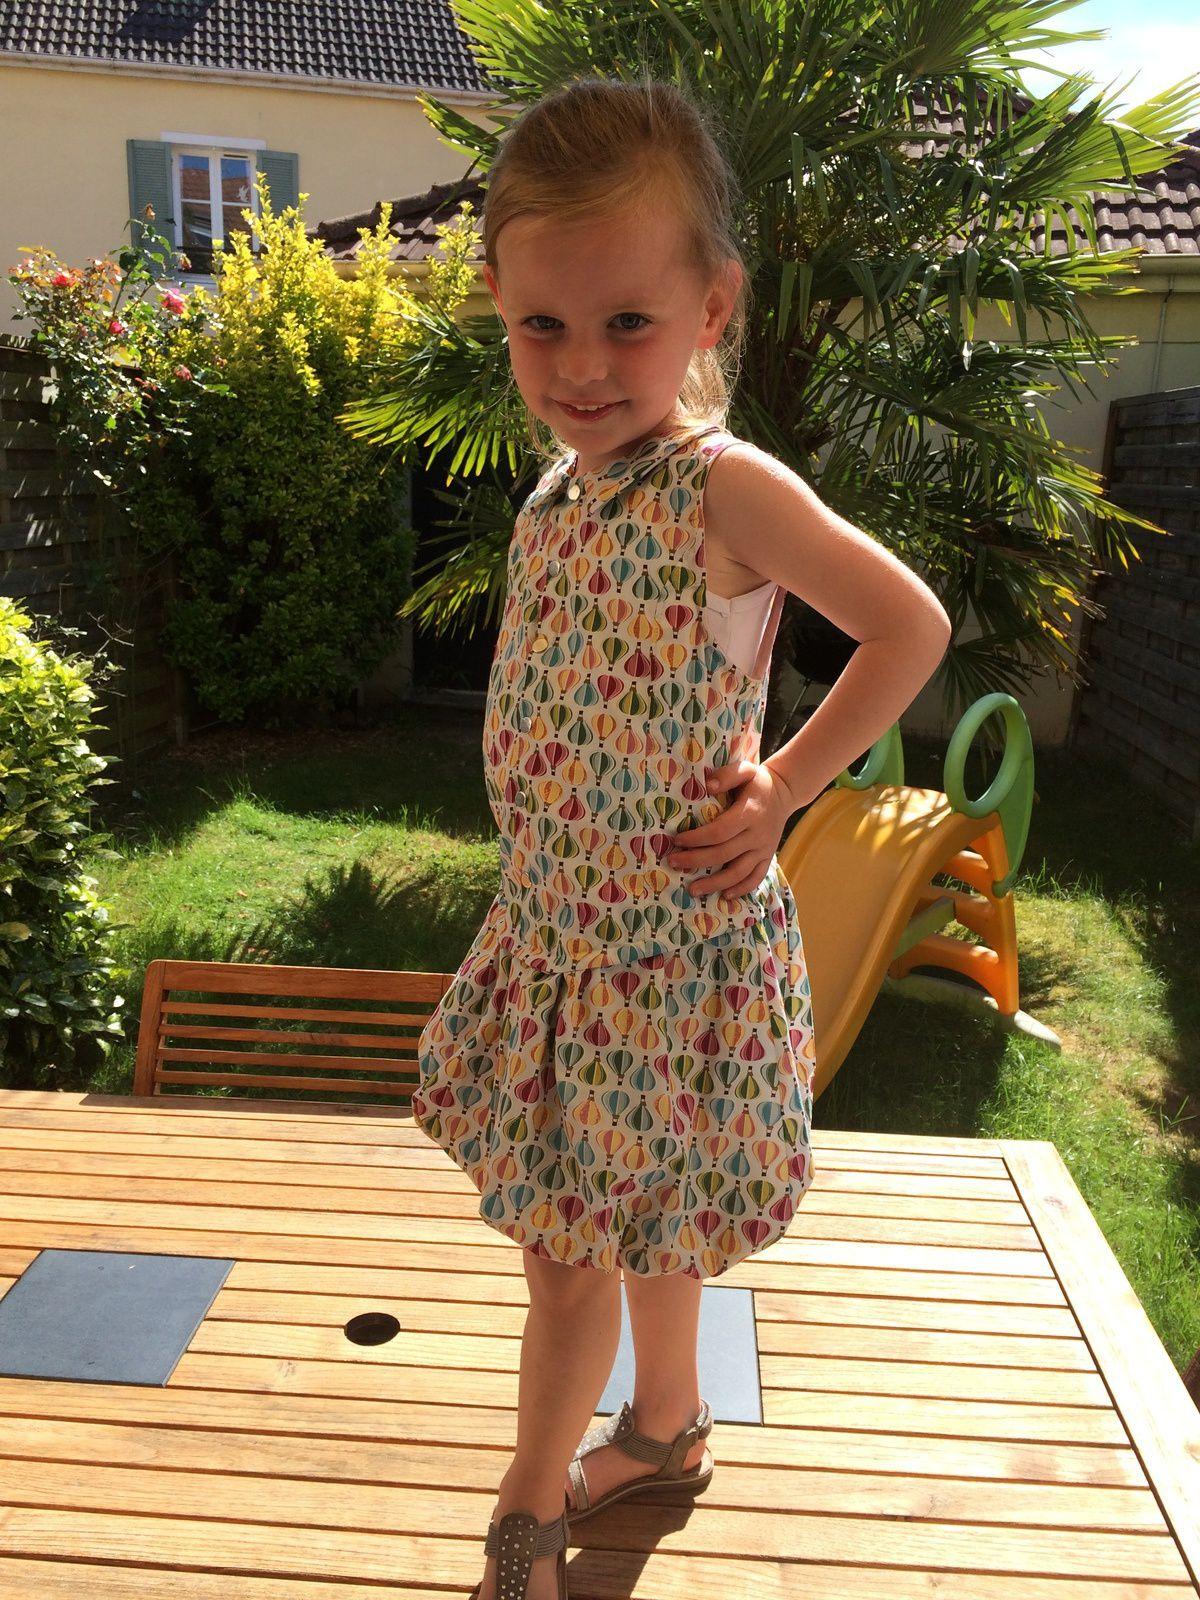 Zoé, un joli prénom pour une jolie robe